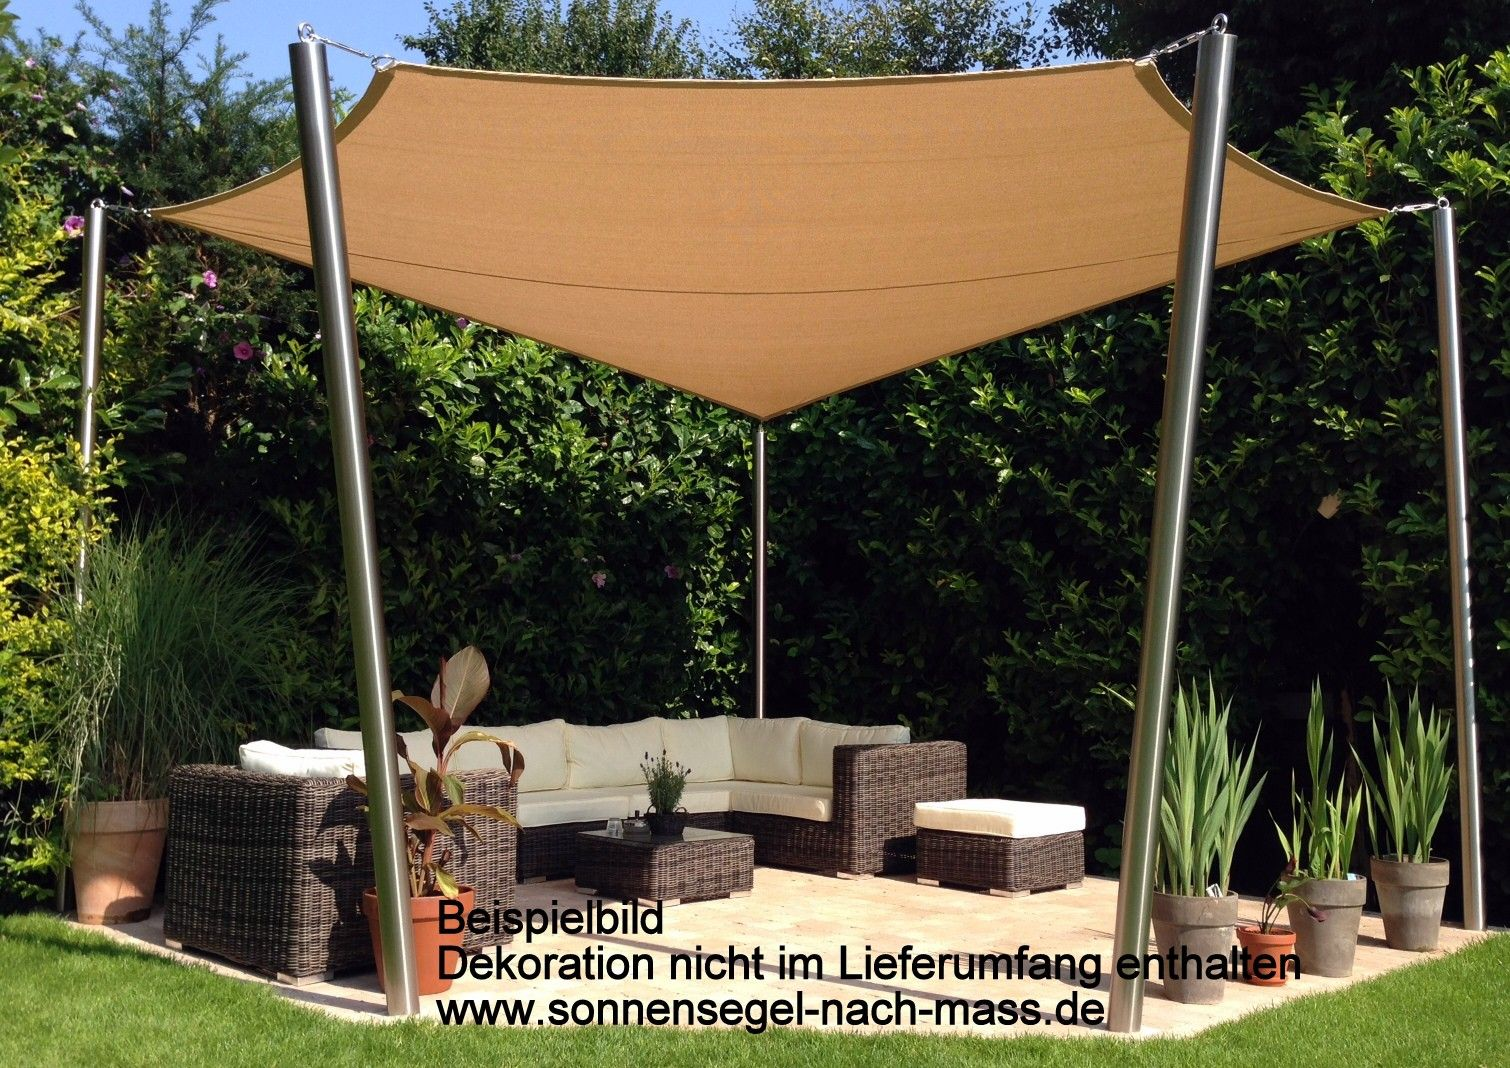 Simple Wir fertigen Ihre Sonnensegel nach Ma u Im Shop finden Sie alles im Bereich individueller Sonnenschutz f r Terrassen Garten und Balkon